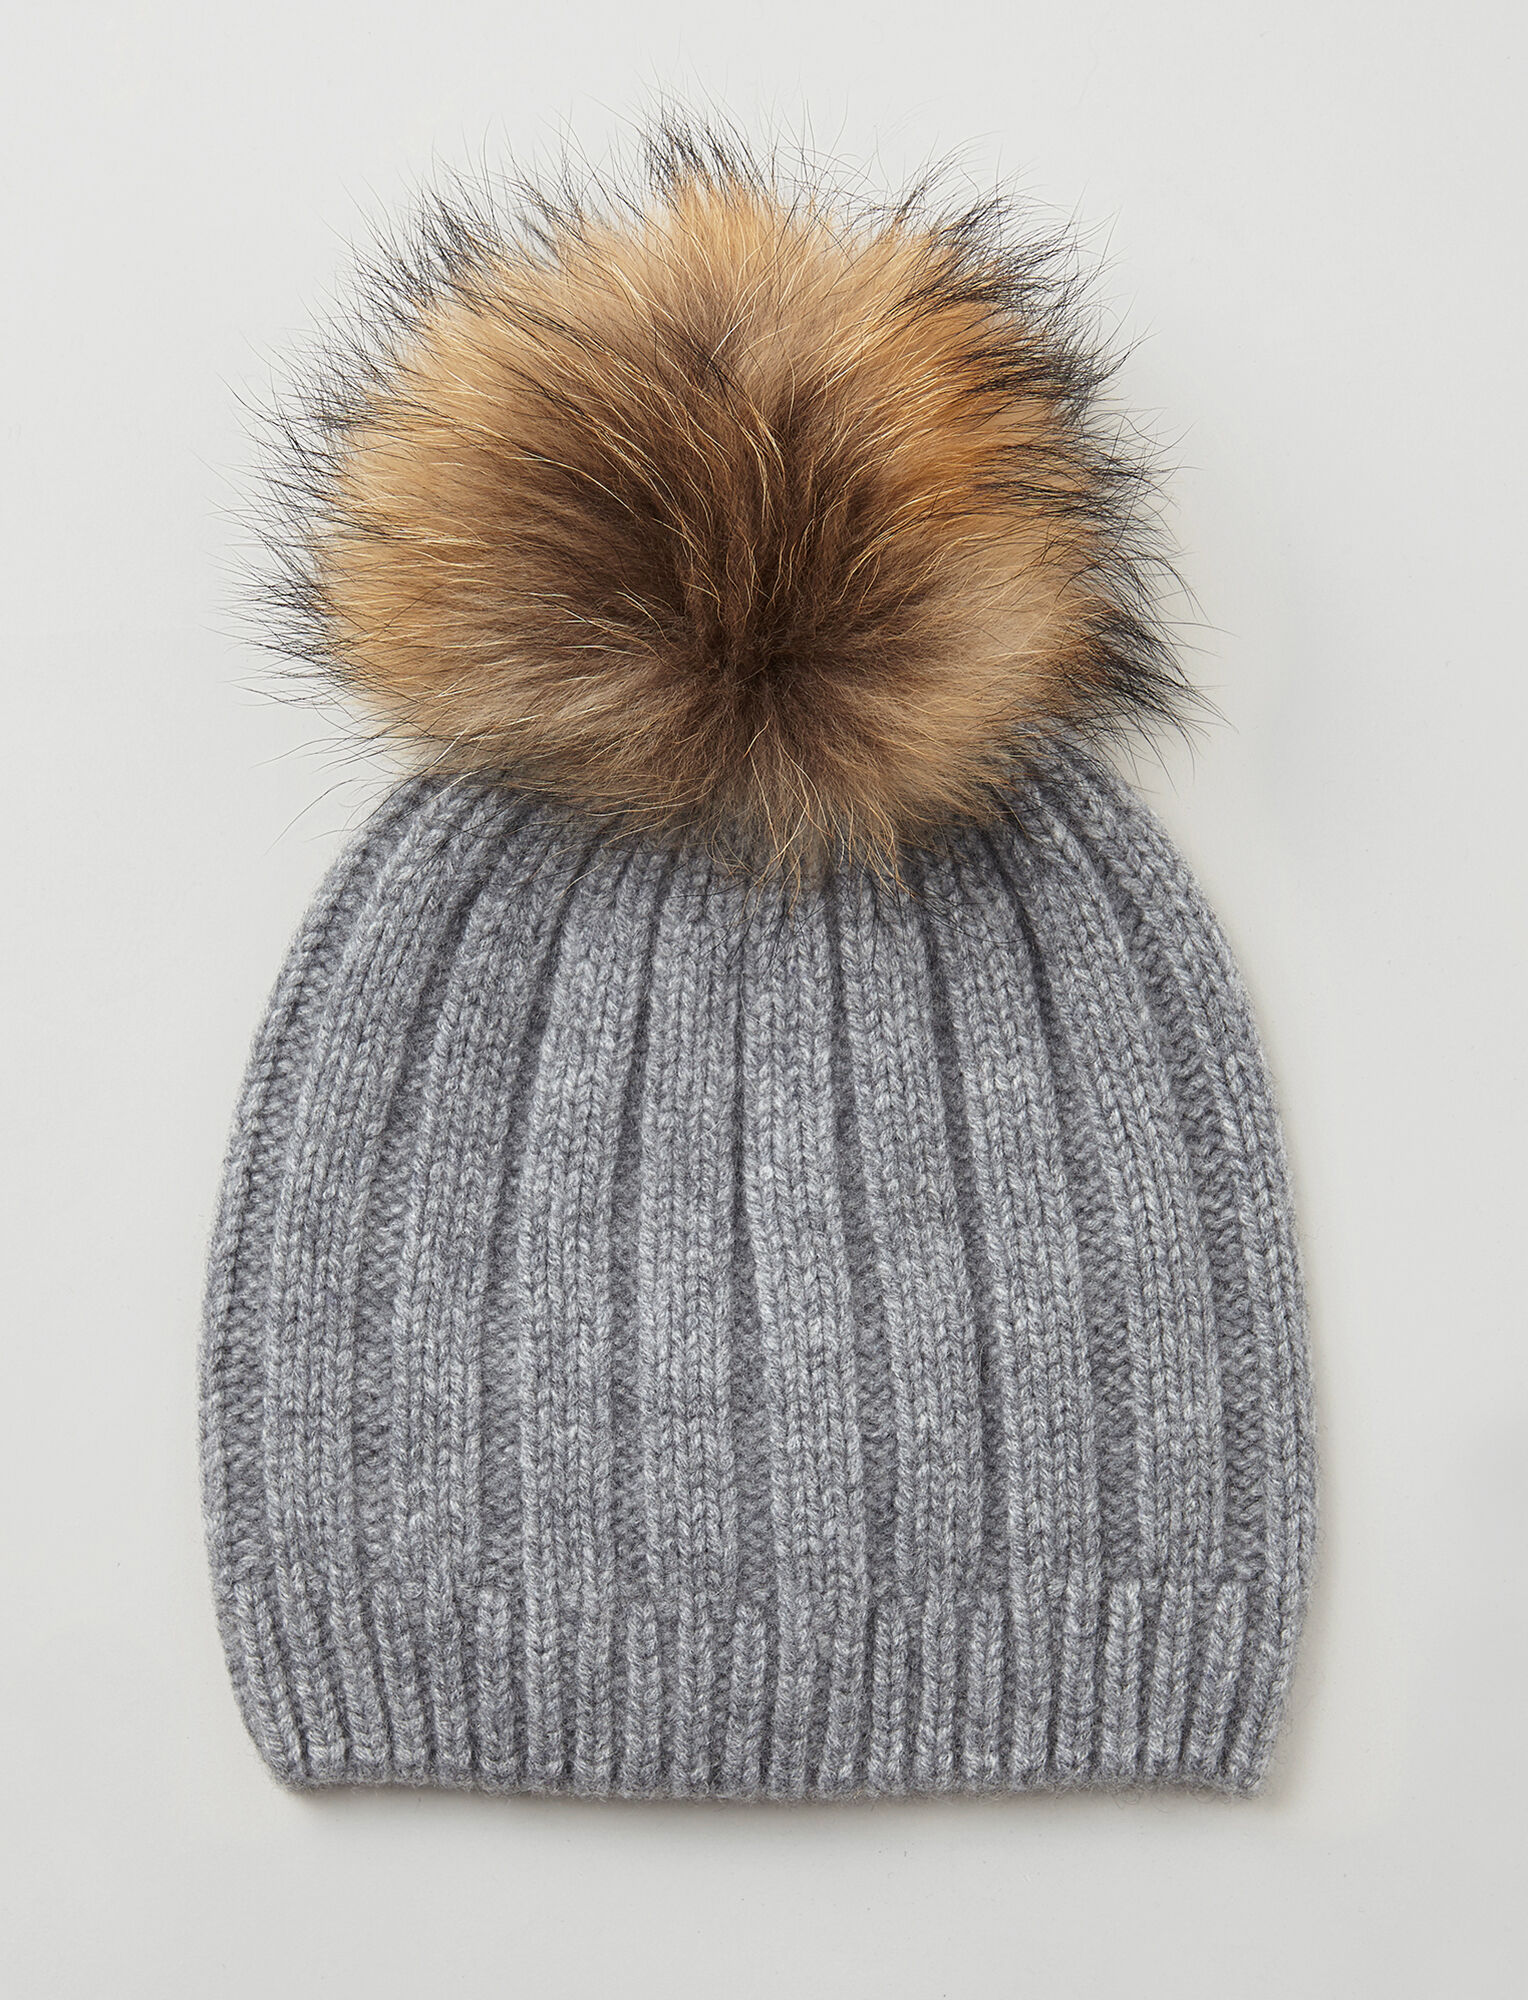 Joseph, Cashmere Luxe Pompon Hat, in CONCRETE